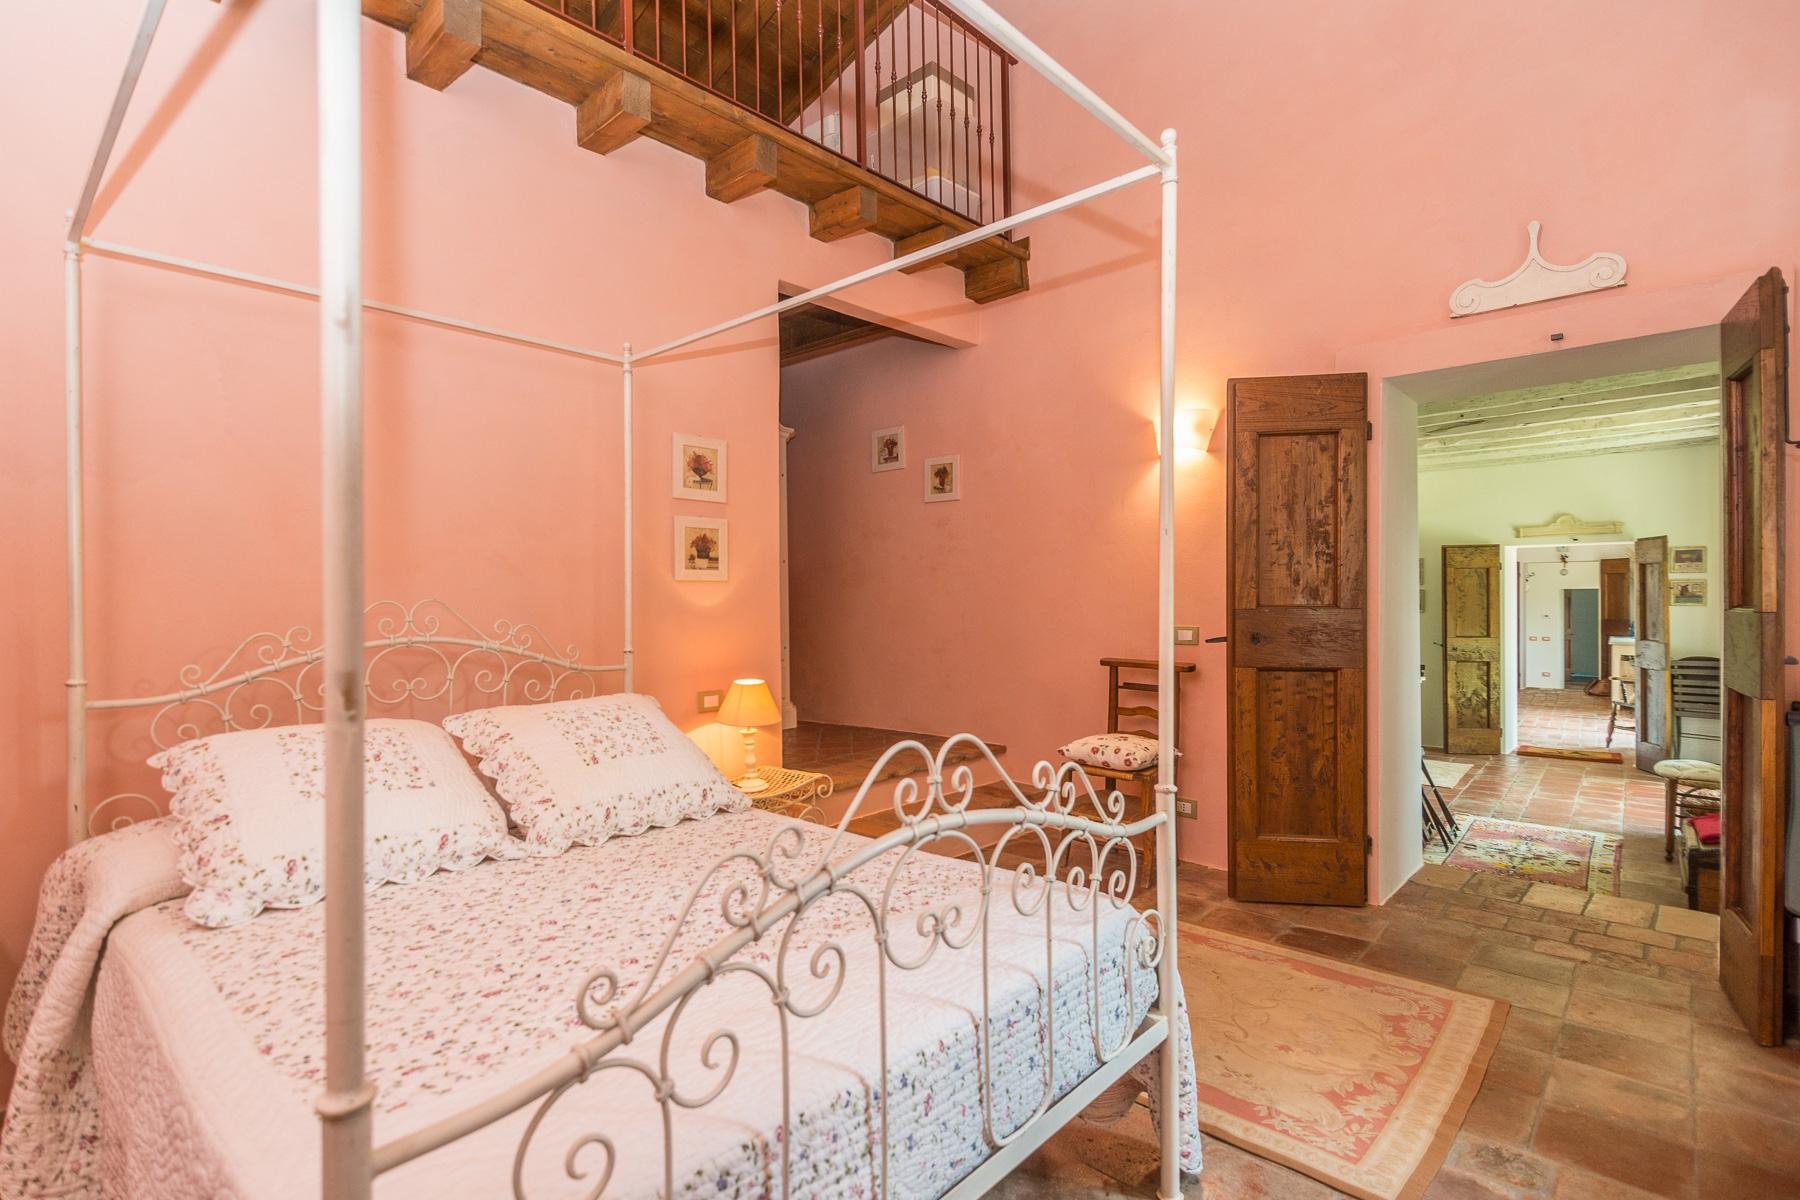 Casa indipendente in Vendita a Ziano Piacentino: 5 locali, 260 mq - Foto 14